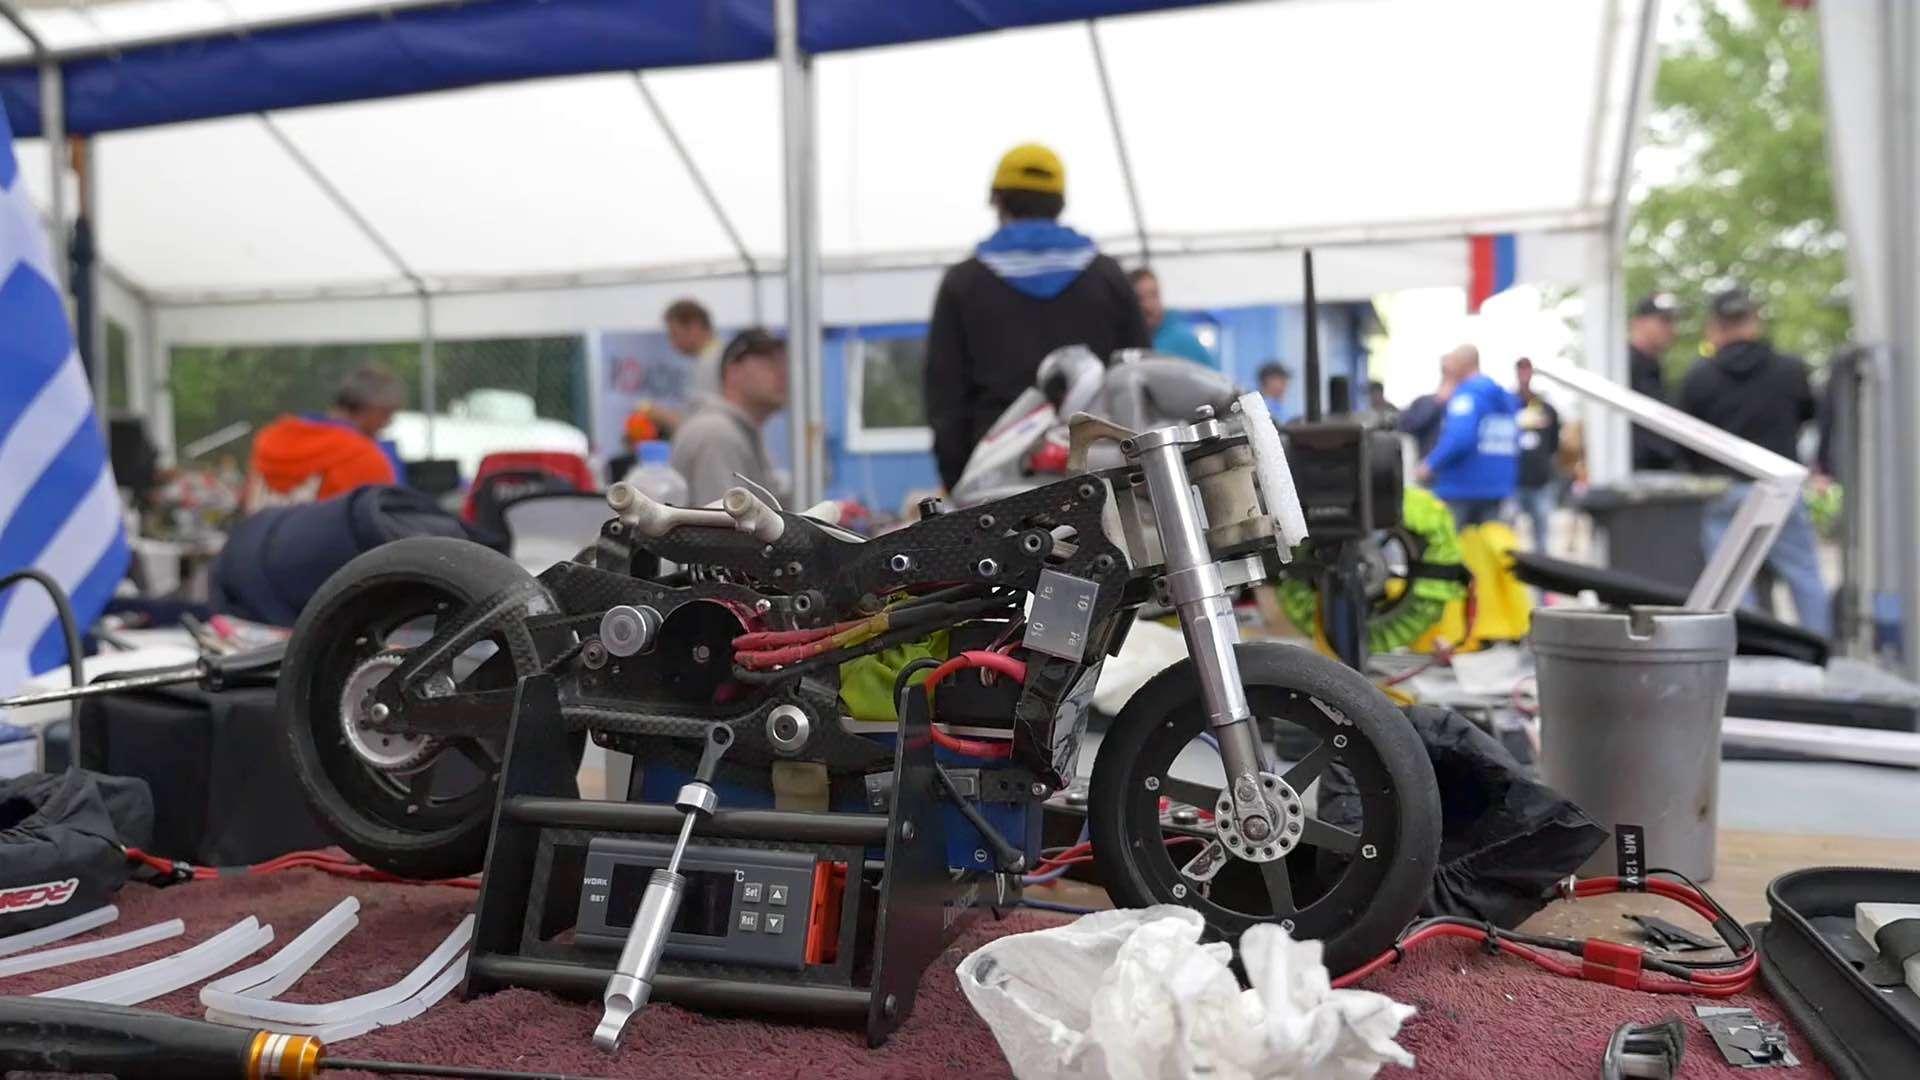 Ein Mini-Motorrad ist auf einem Tisch mit verschiedenem Werkzeug aufgebaut und im Hintergrund erkennt man viele Menschen